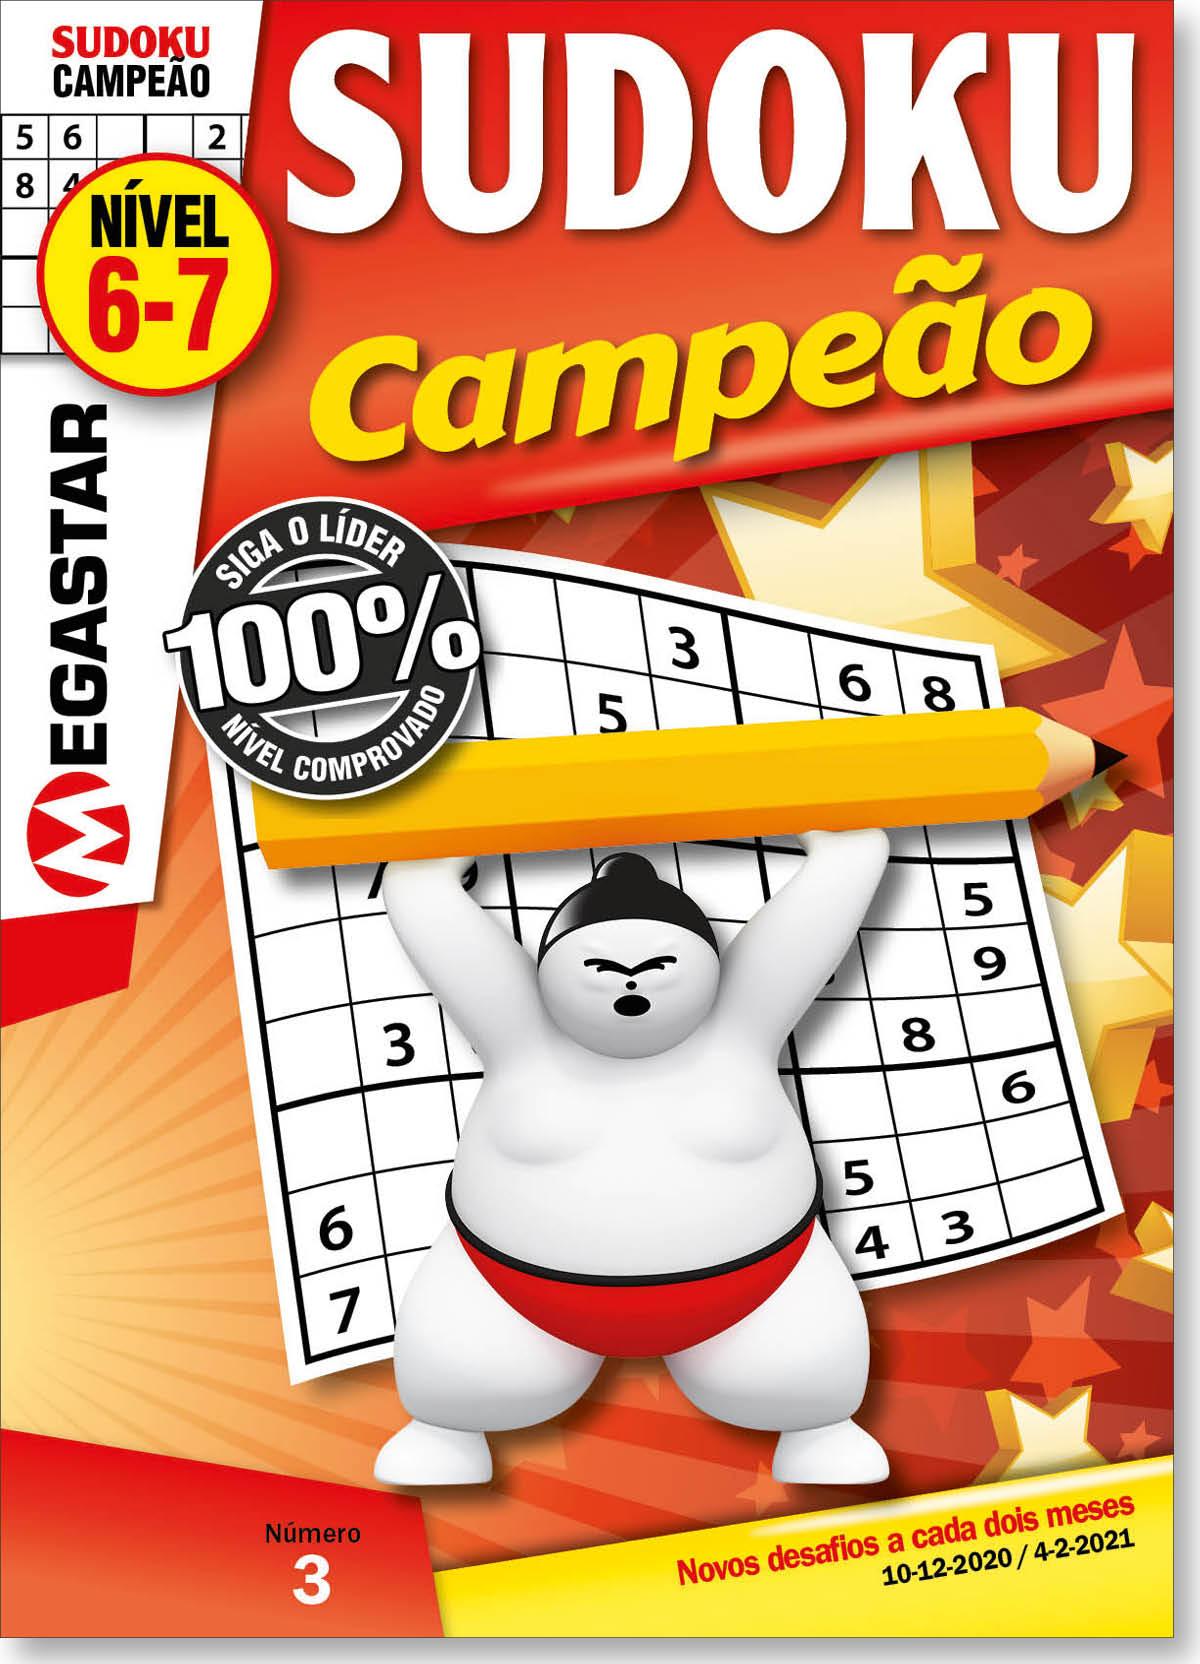 Sudoku campeão 6-7